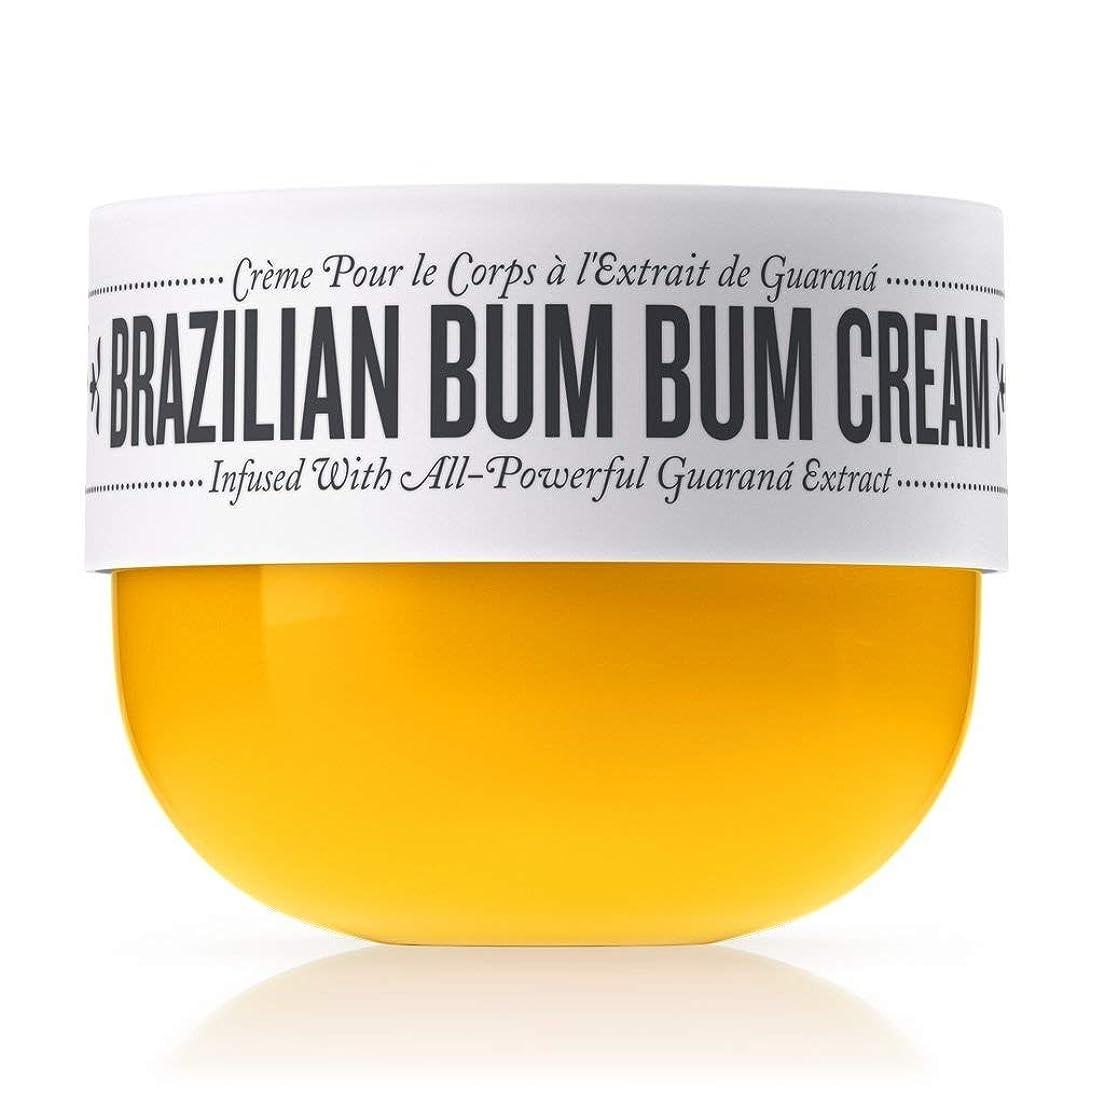 マトロン否定する石鹸Brazilian BUM BUM Cream 25ml トライアルサイズ【並行輸入品】